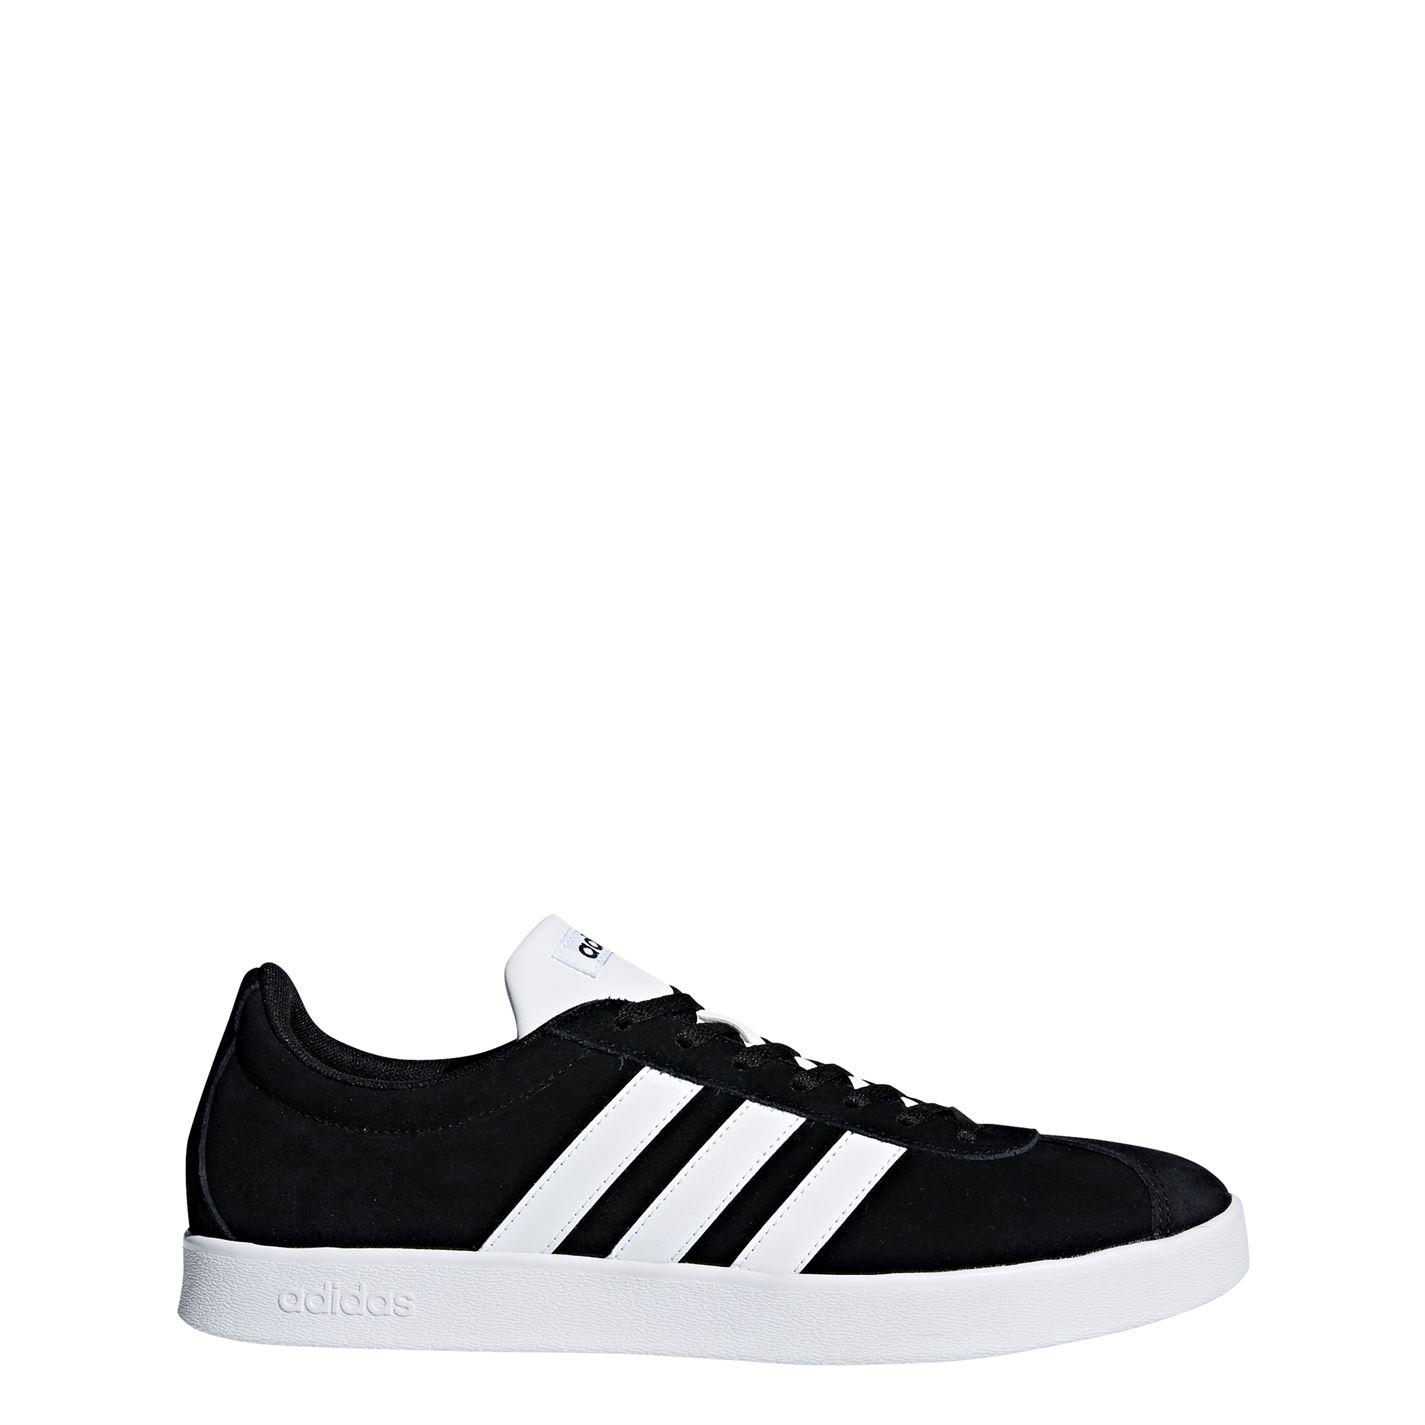 Adidas VL Court 2.0 Men's Shoes